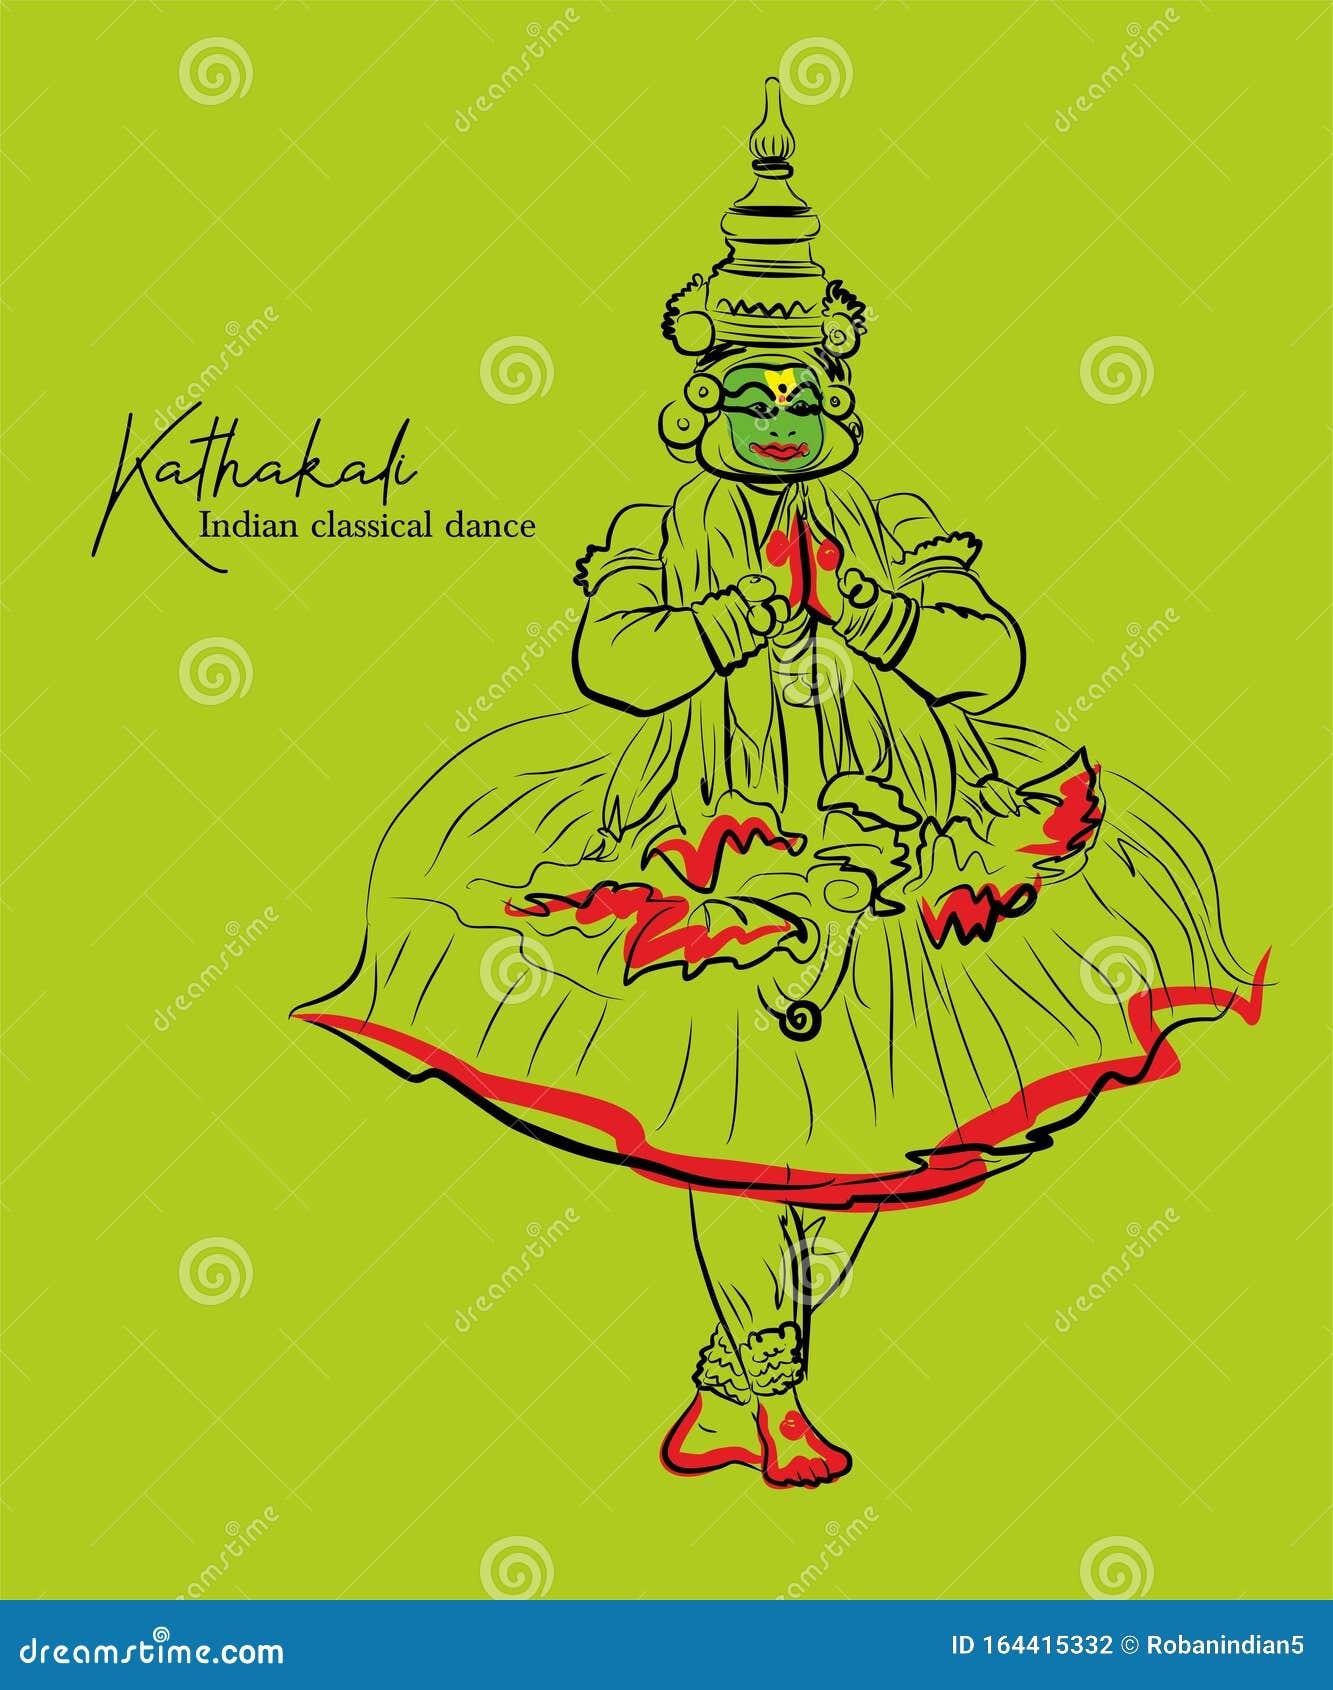 Kathakali Dance Stock Illustrations 549 Kathakali Dance Stock Illustrations Vectors Clipart Dreamstime